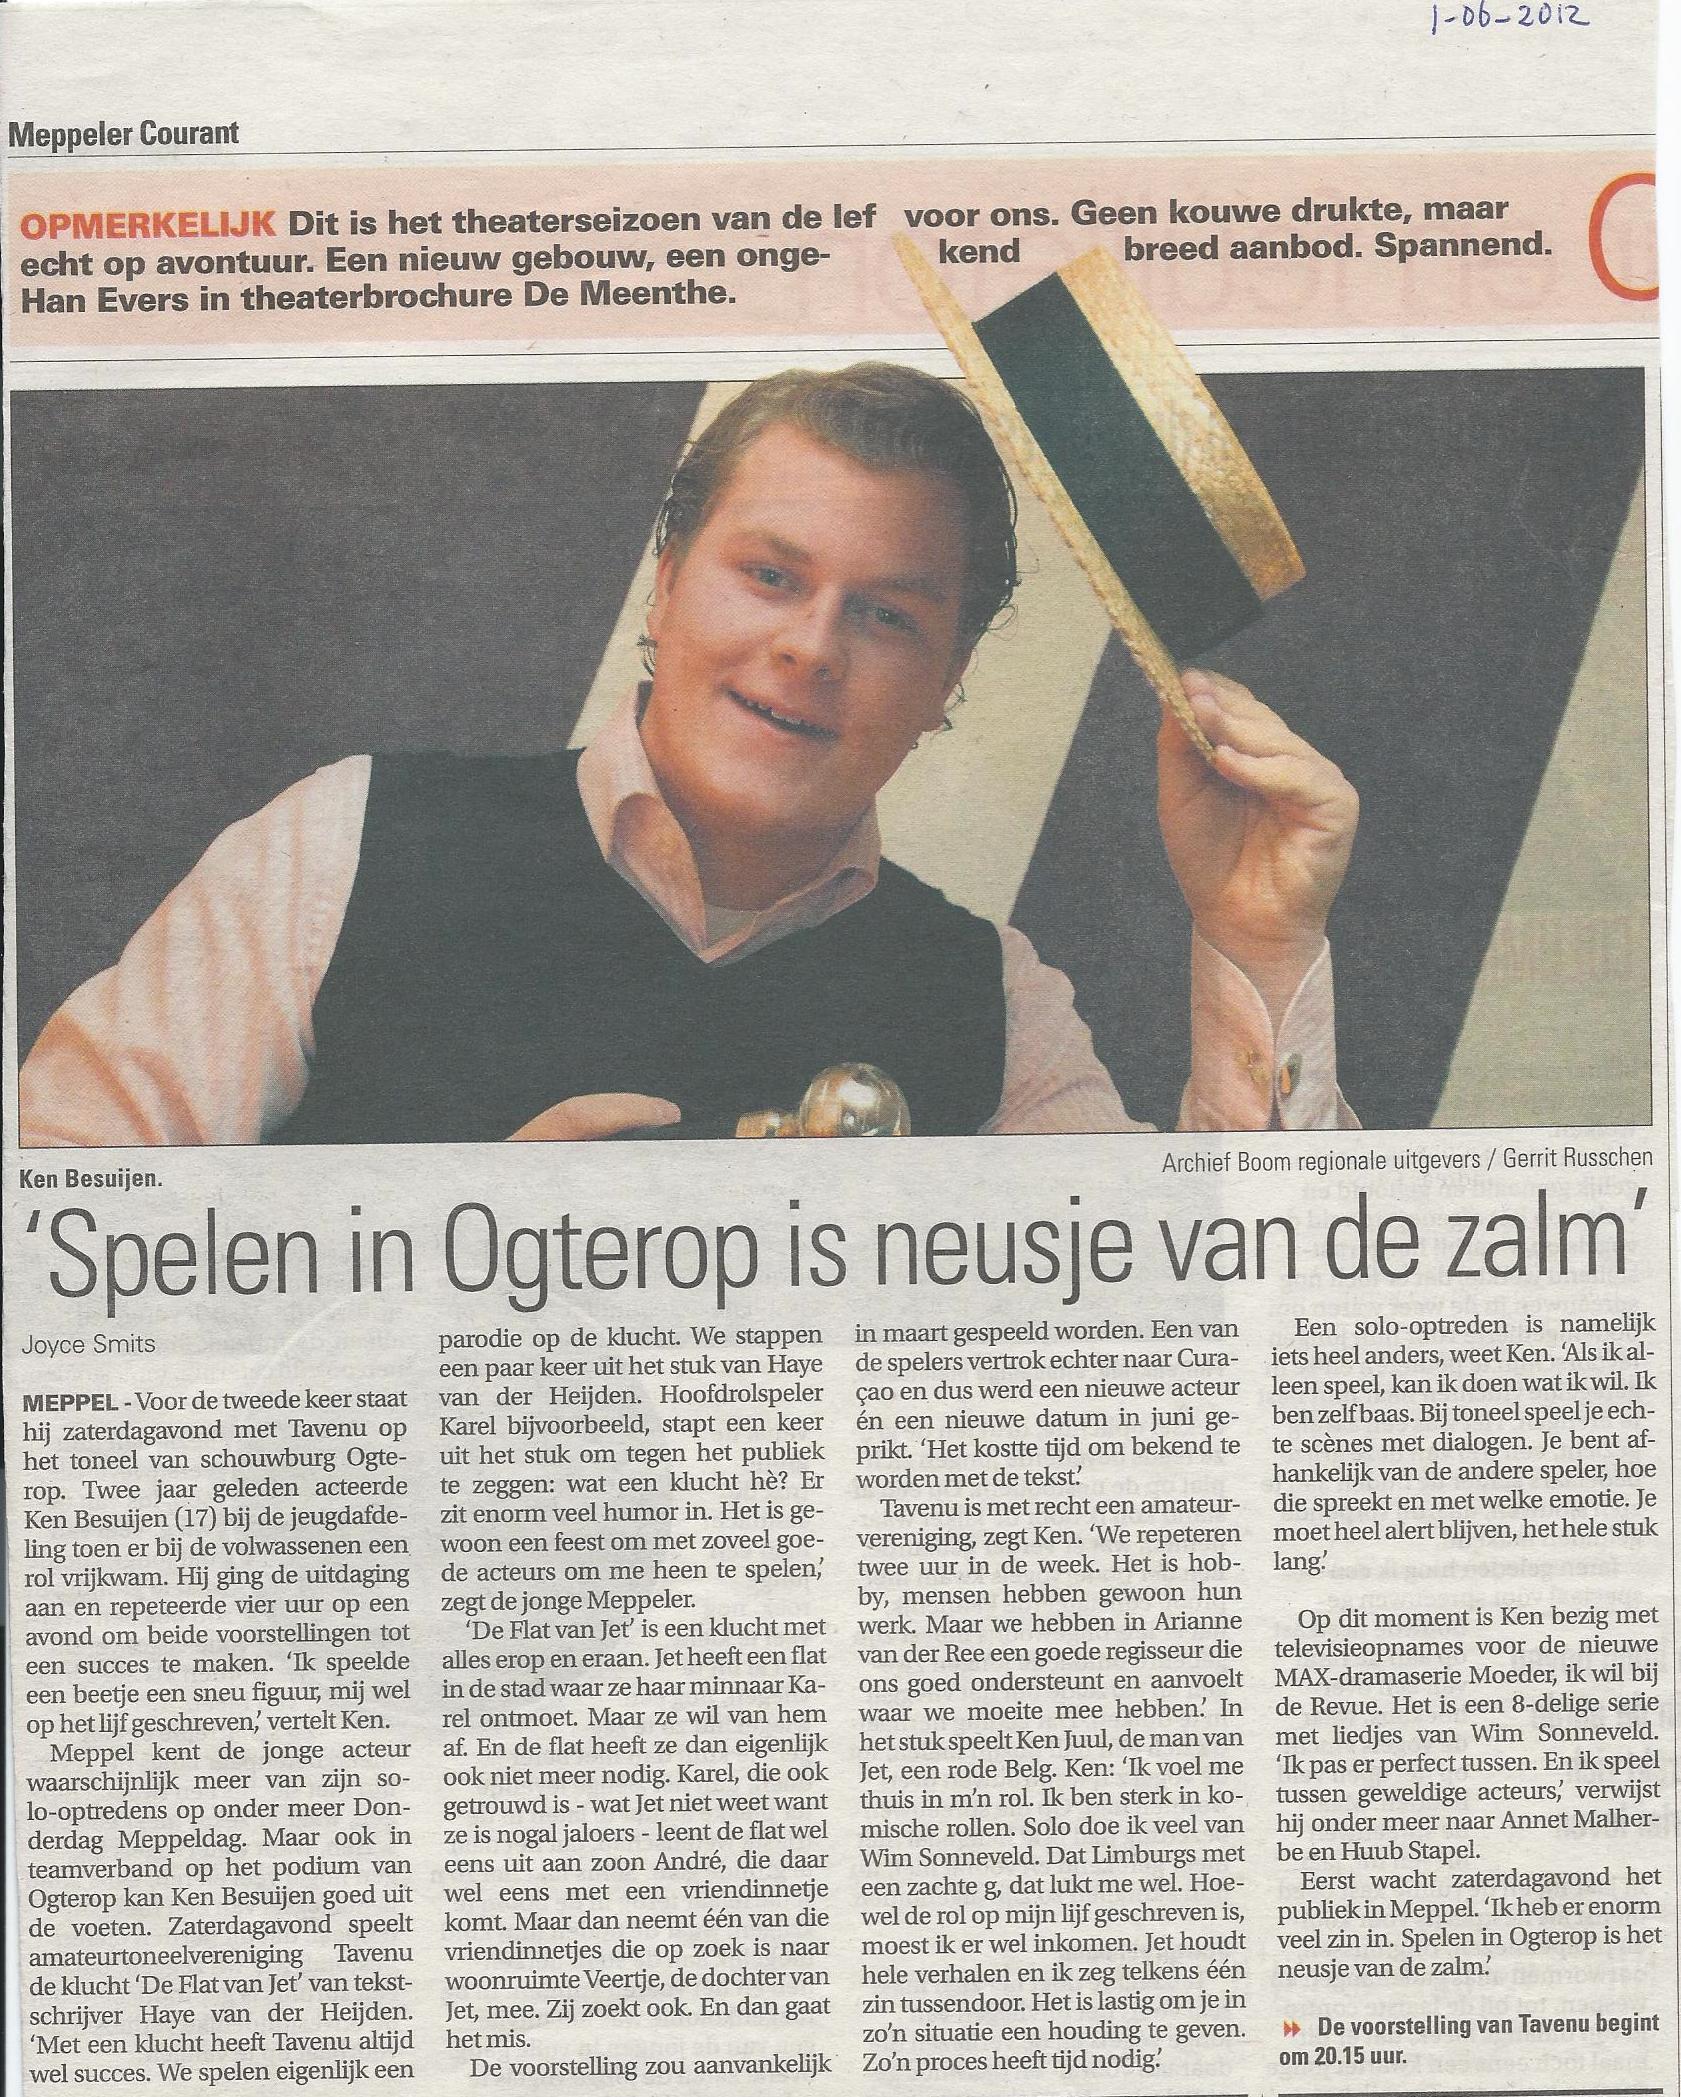 01-06-2012 Interview voorafgaand De Flat van Jet